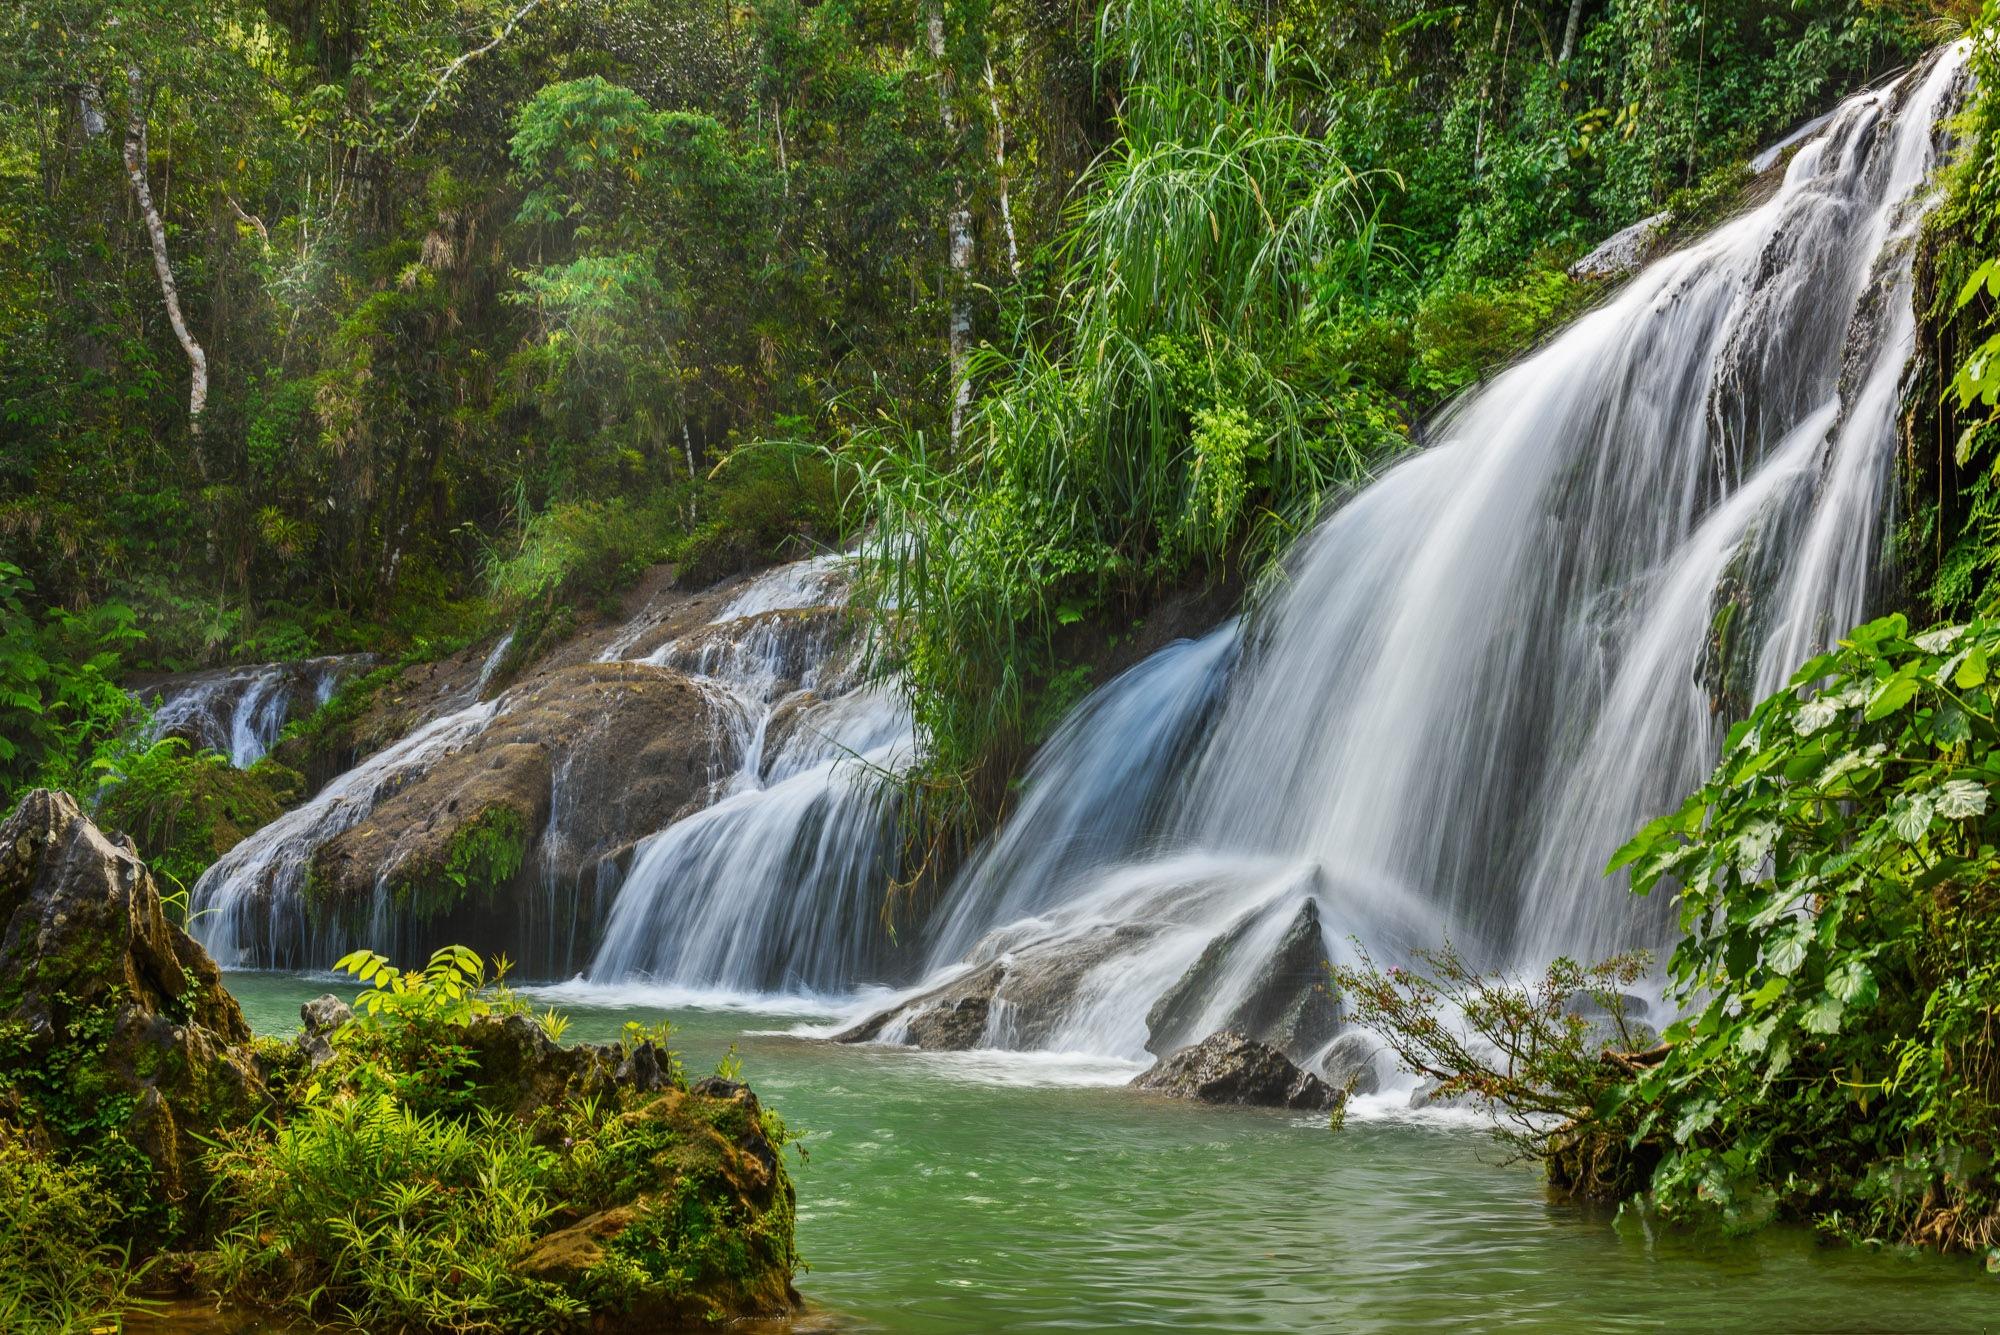 El Nicho Waterfalls, Sendero Reino De las Aguas, Cienfuegos, Cuba #2 by Steve Director